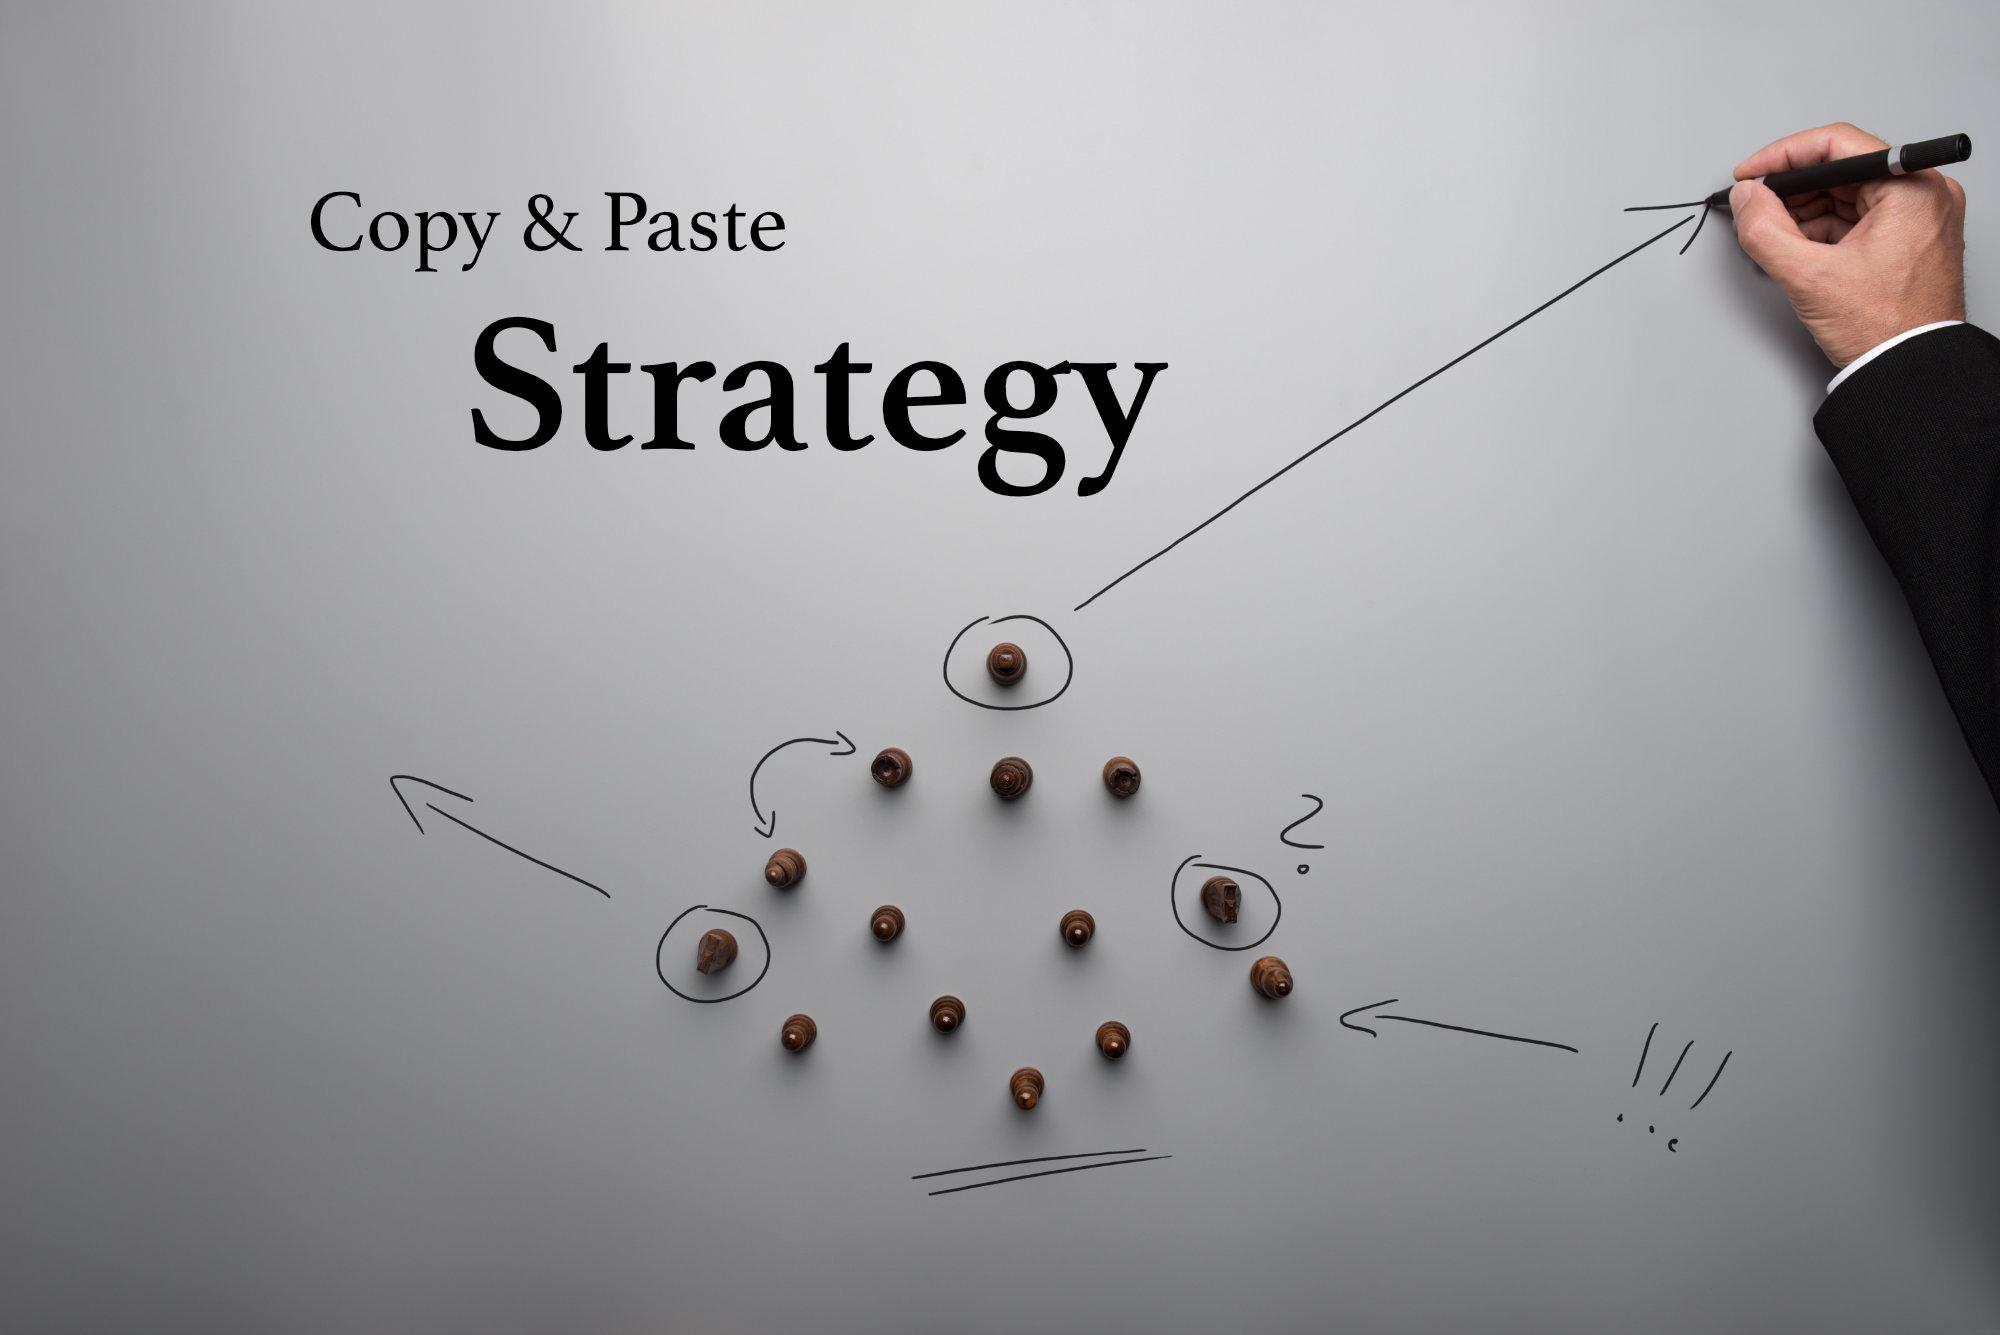 Copy & Paste Strategy